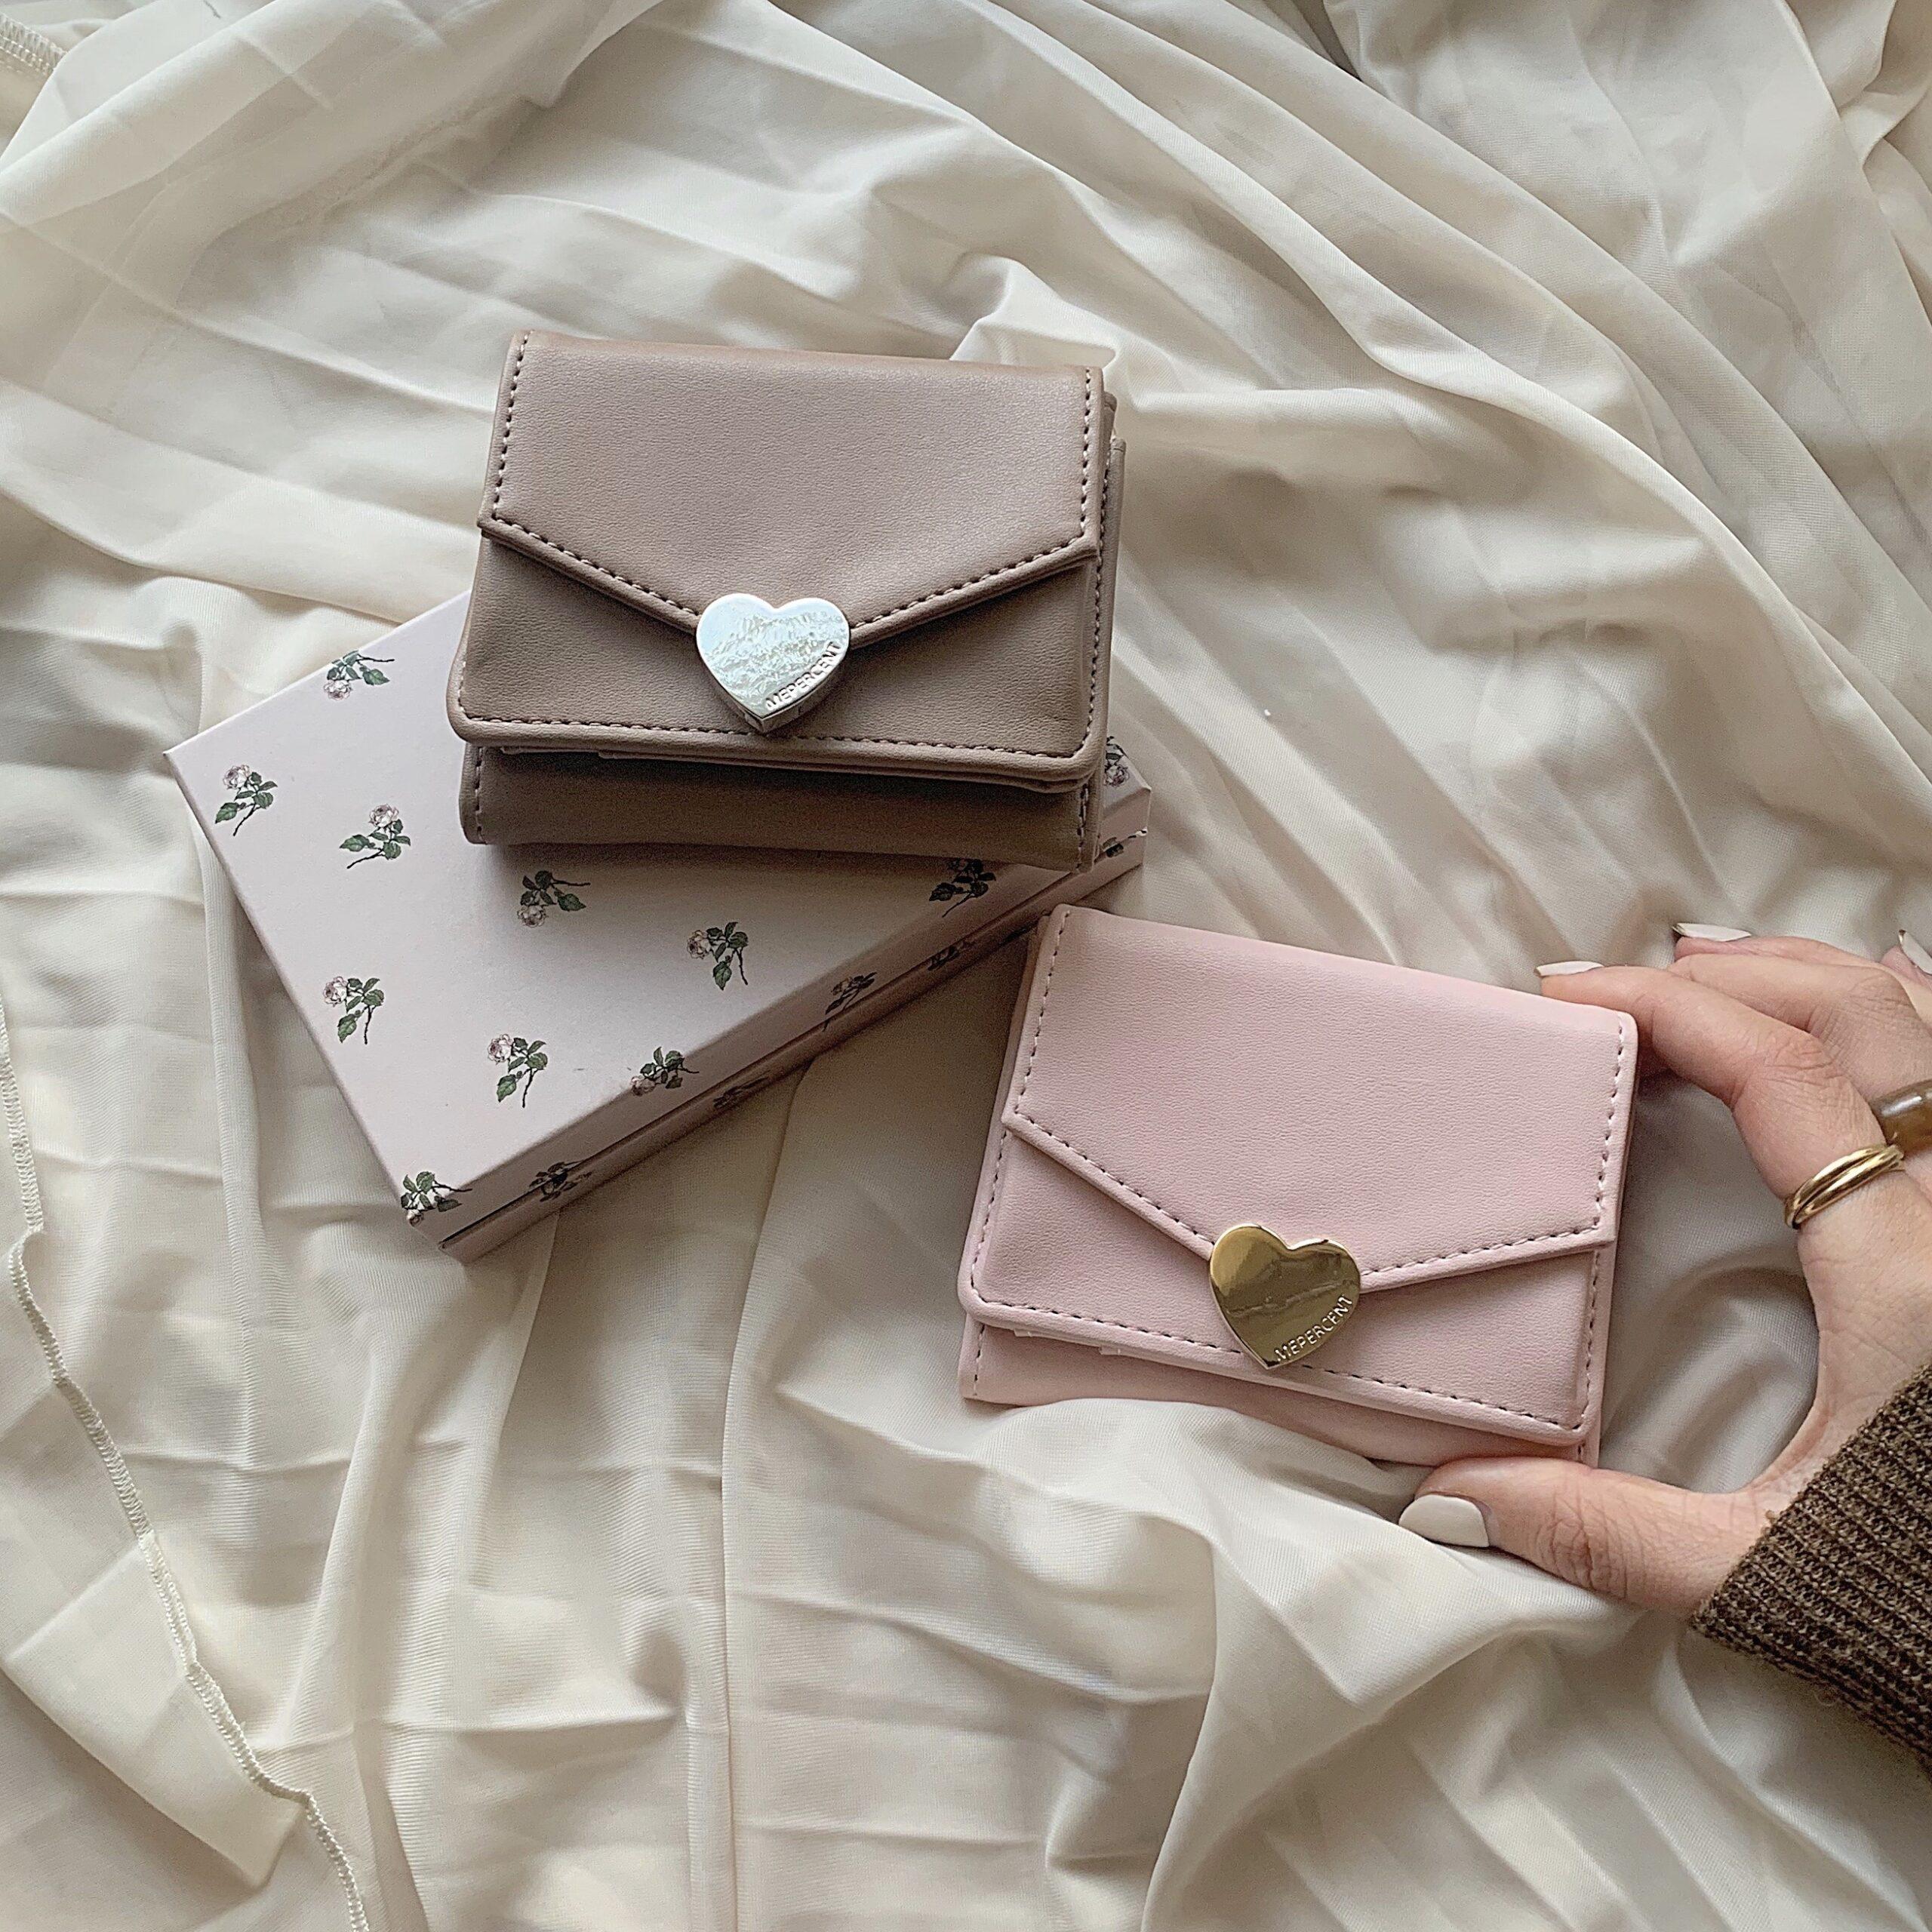 ♡:ミニ財布に求める5大要素